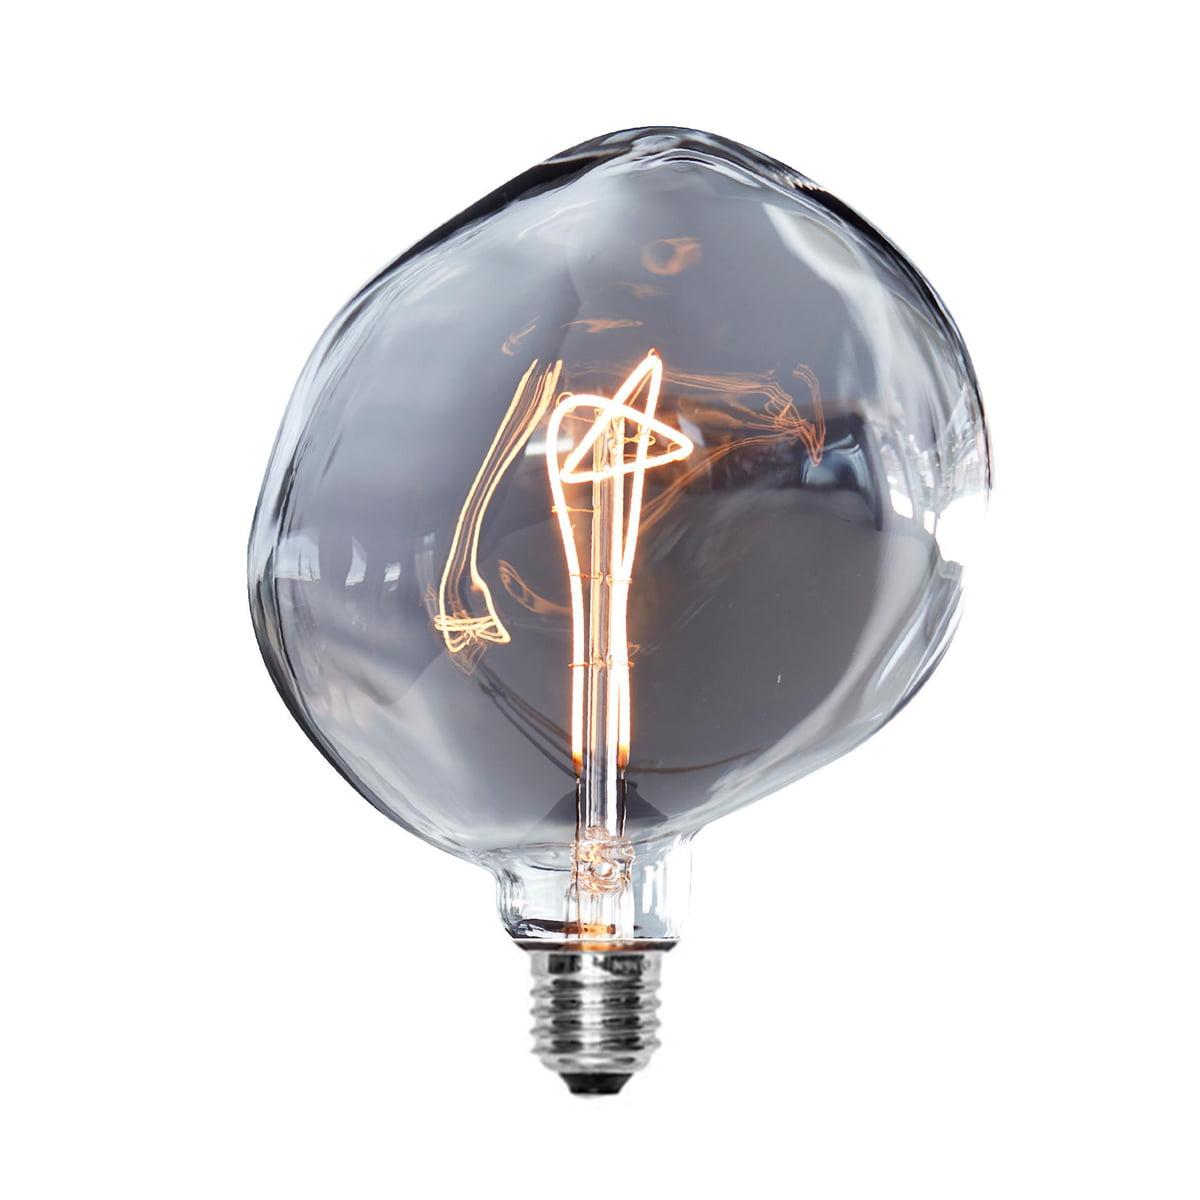 Lampen | Leuchten | Leuchtmittel